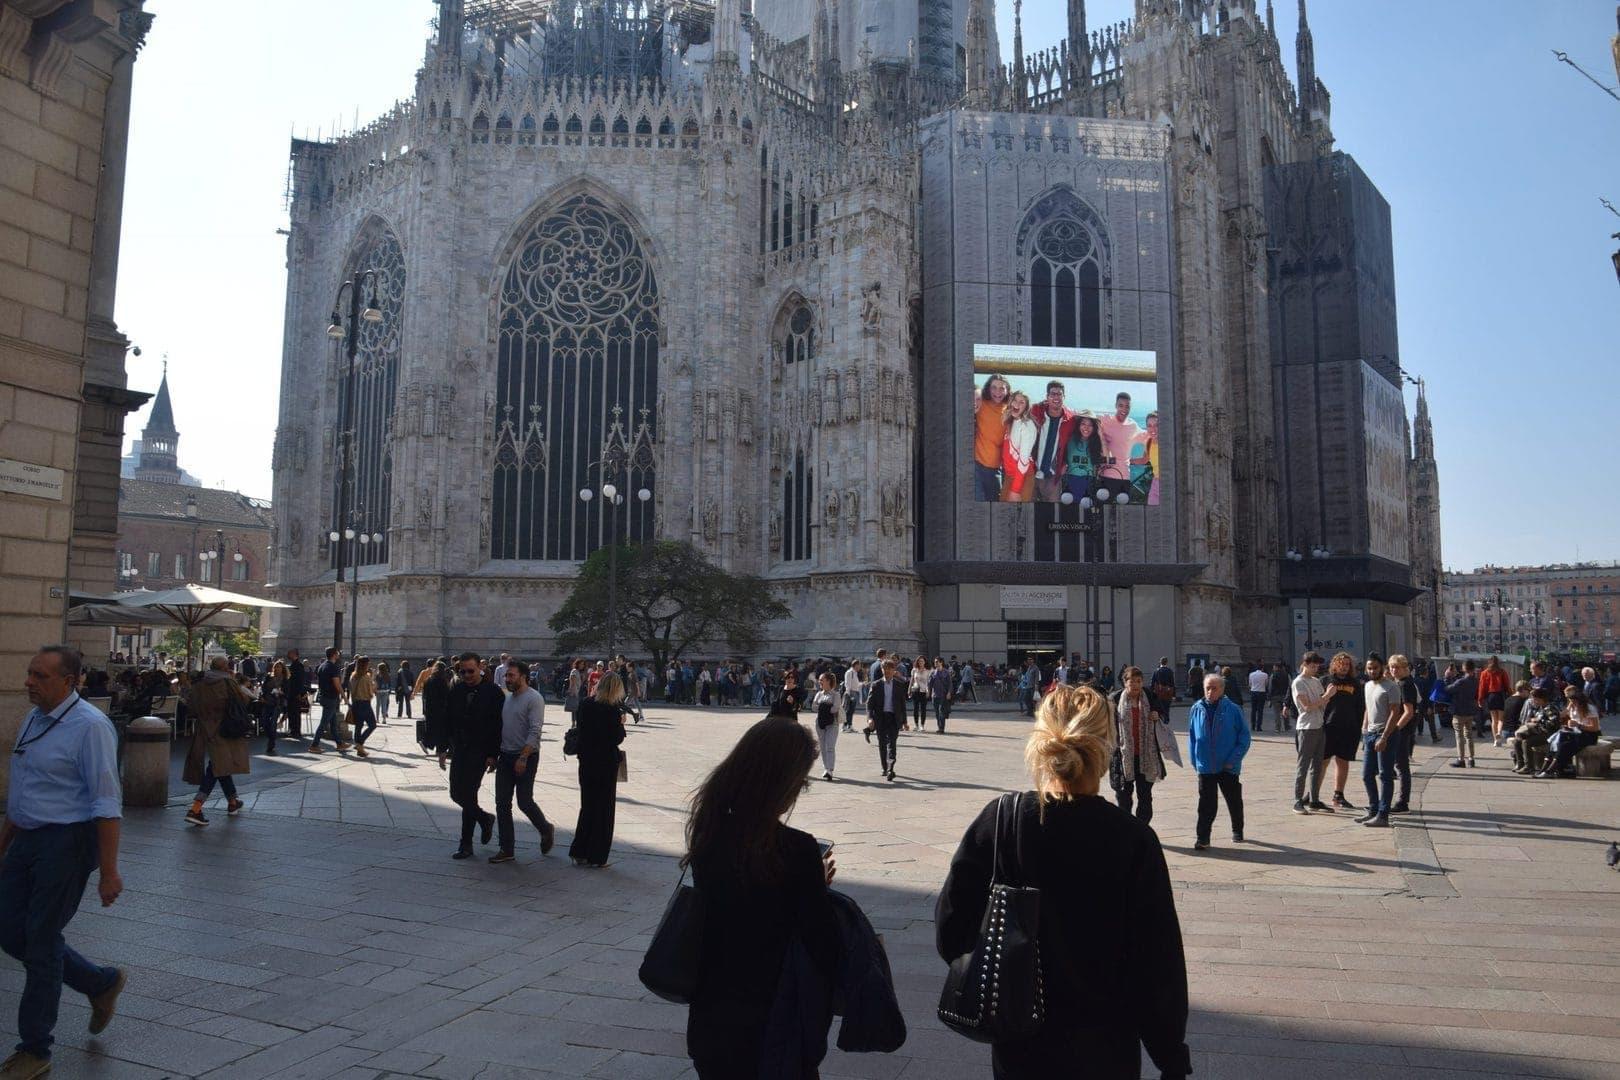 Milano-firmarejse-firmatur-alfa-travel-domkirke-katedral-grupperejser